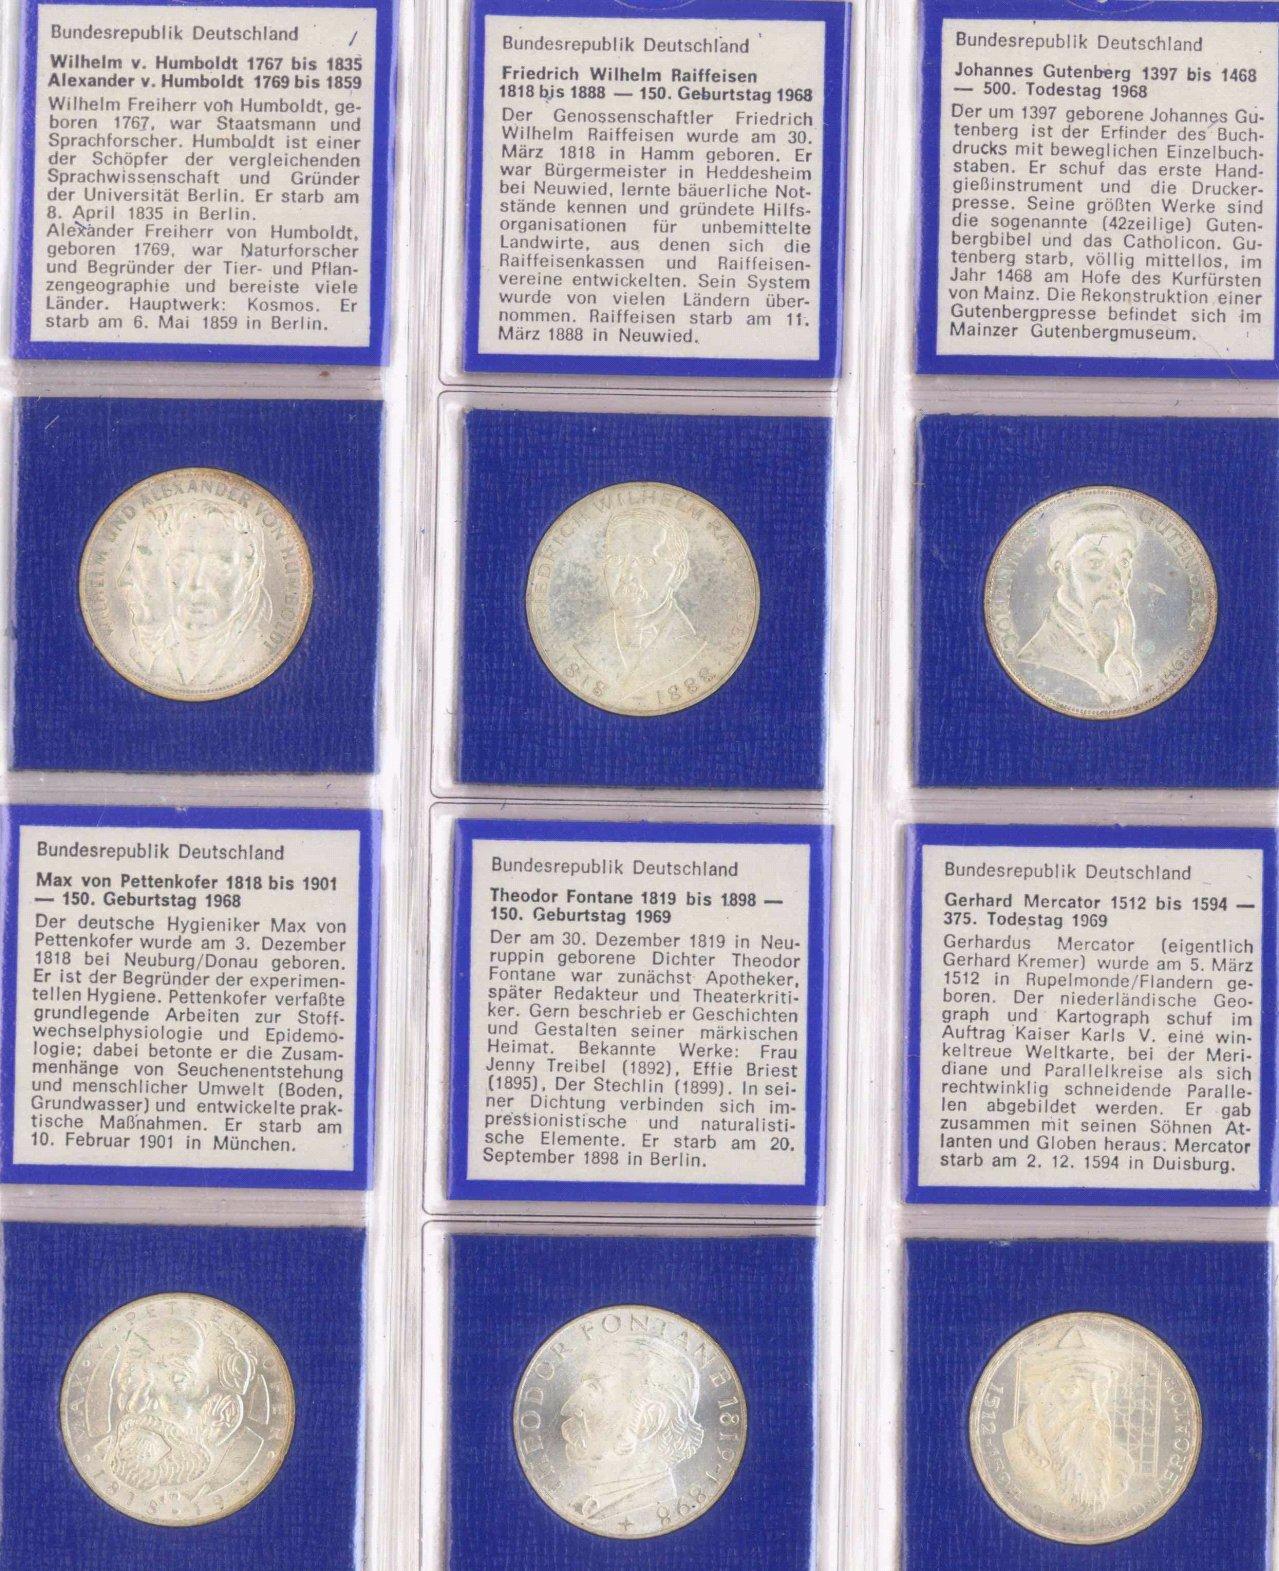 Sammlung der 5 DM Gedenkmünzen